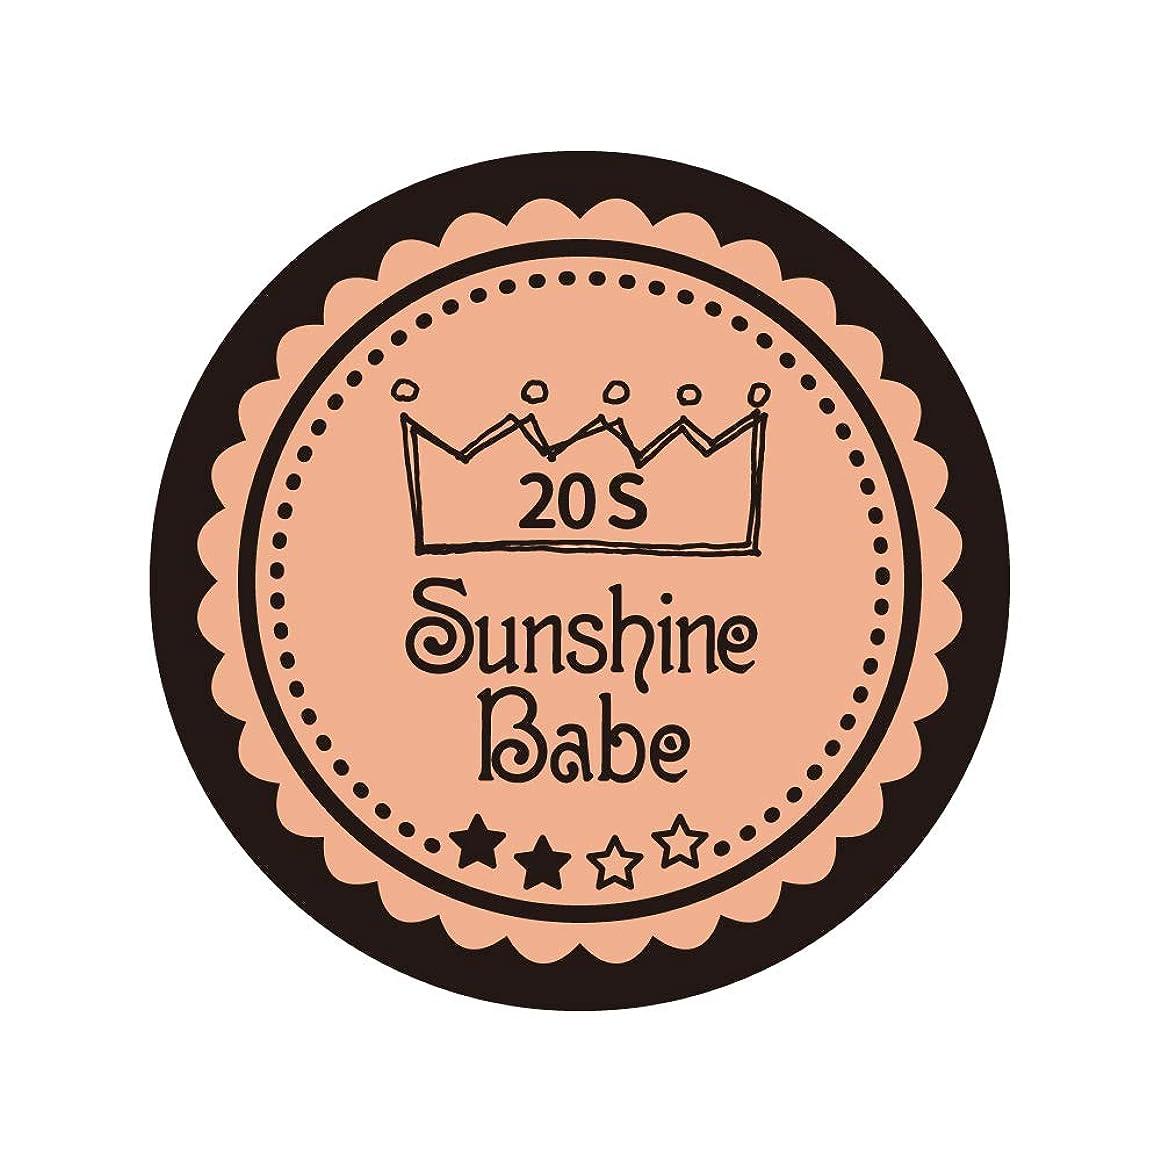 シャイはちみつ硬化するSunshine Babe コスメティックカラー 20S ヌーディーベージュ 4g UV/LED対応